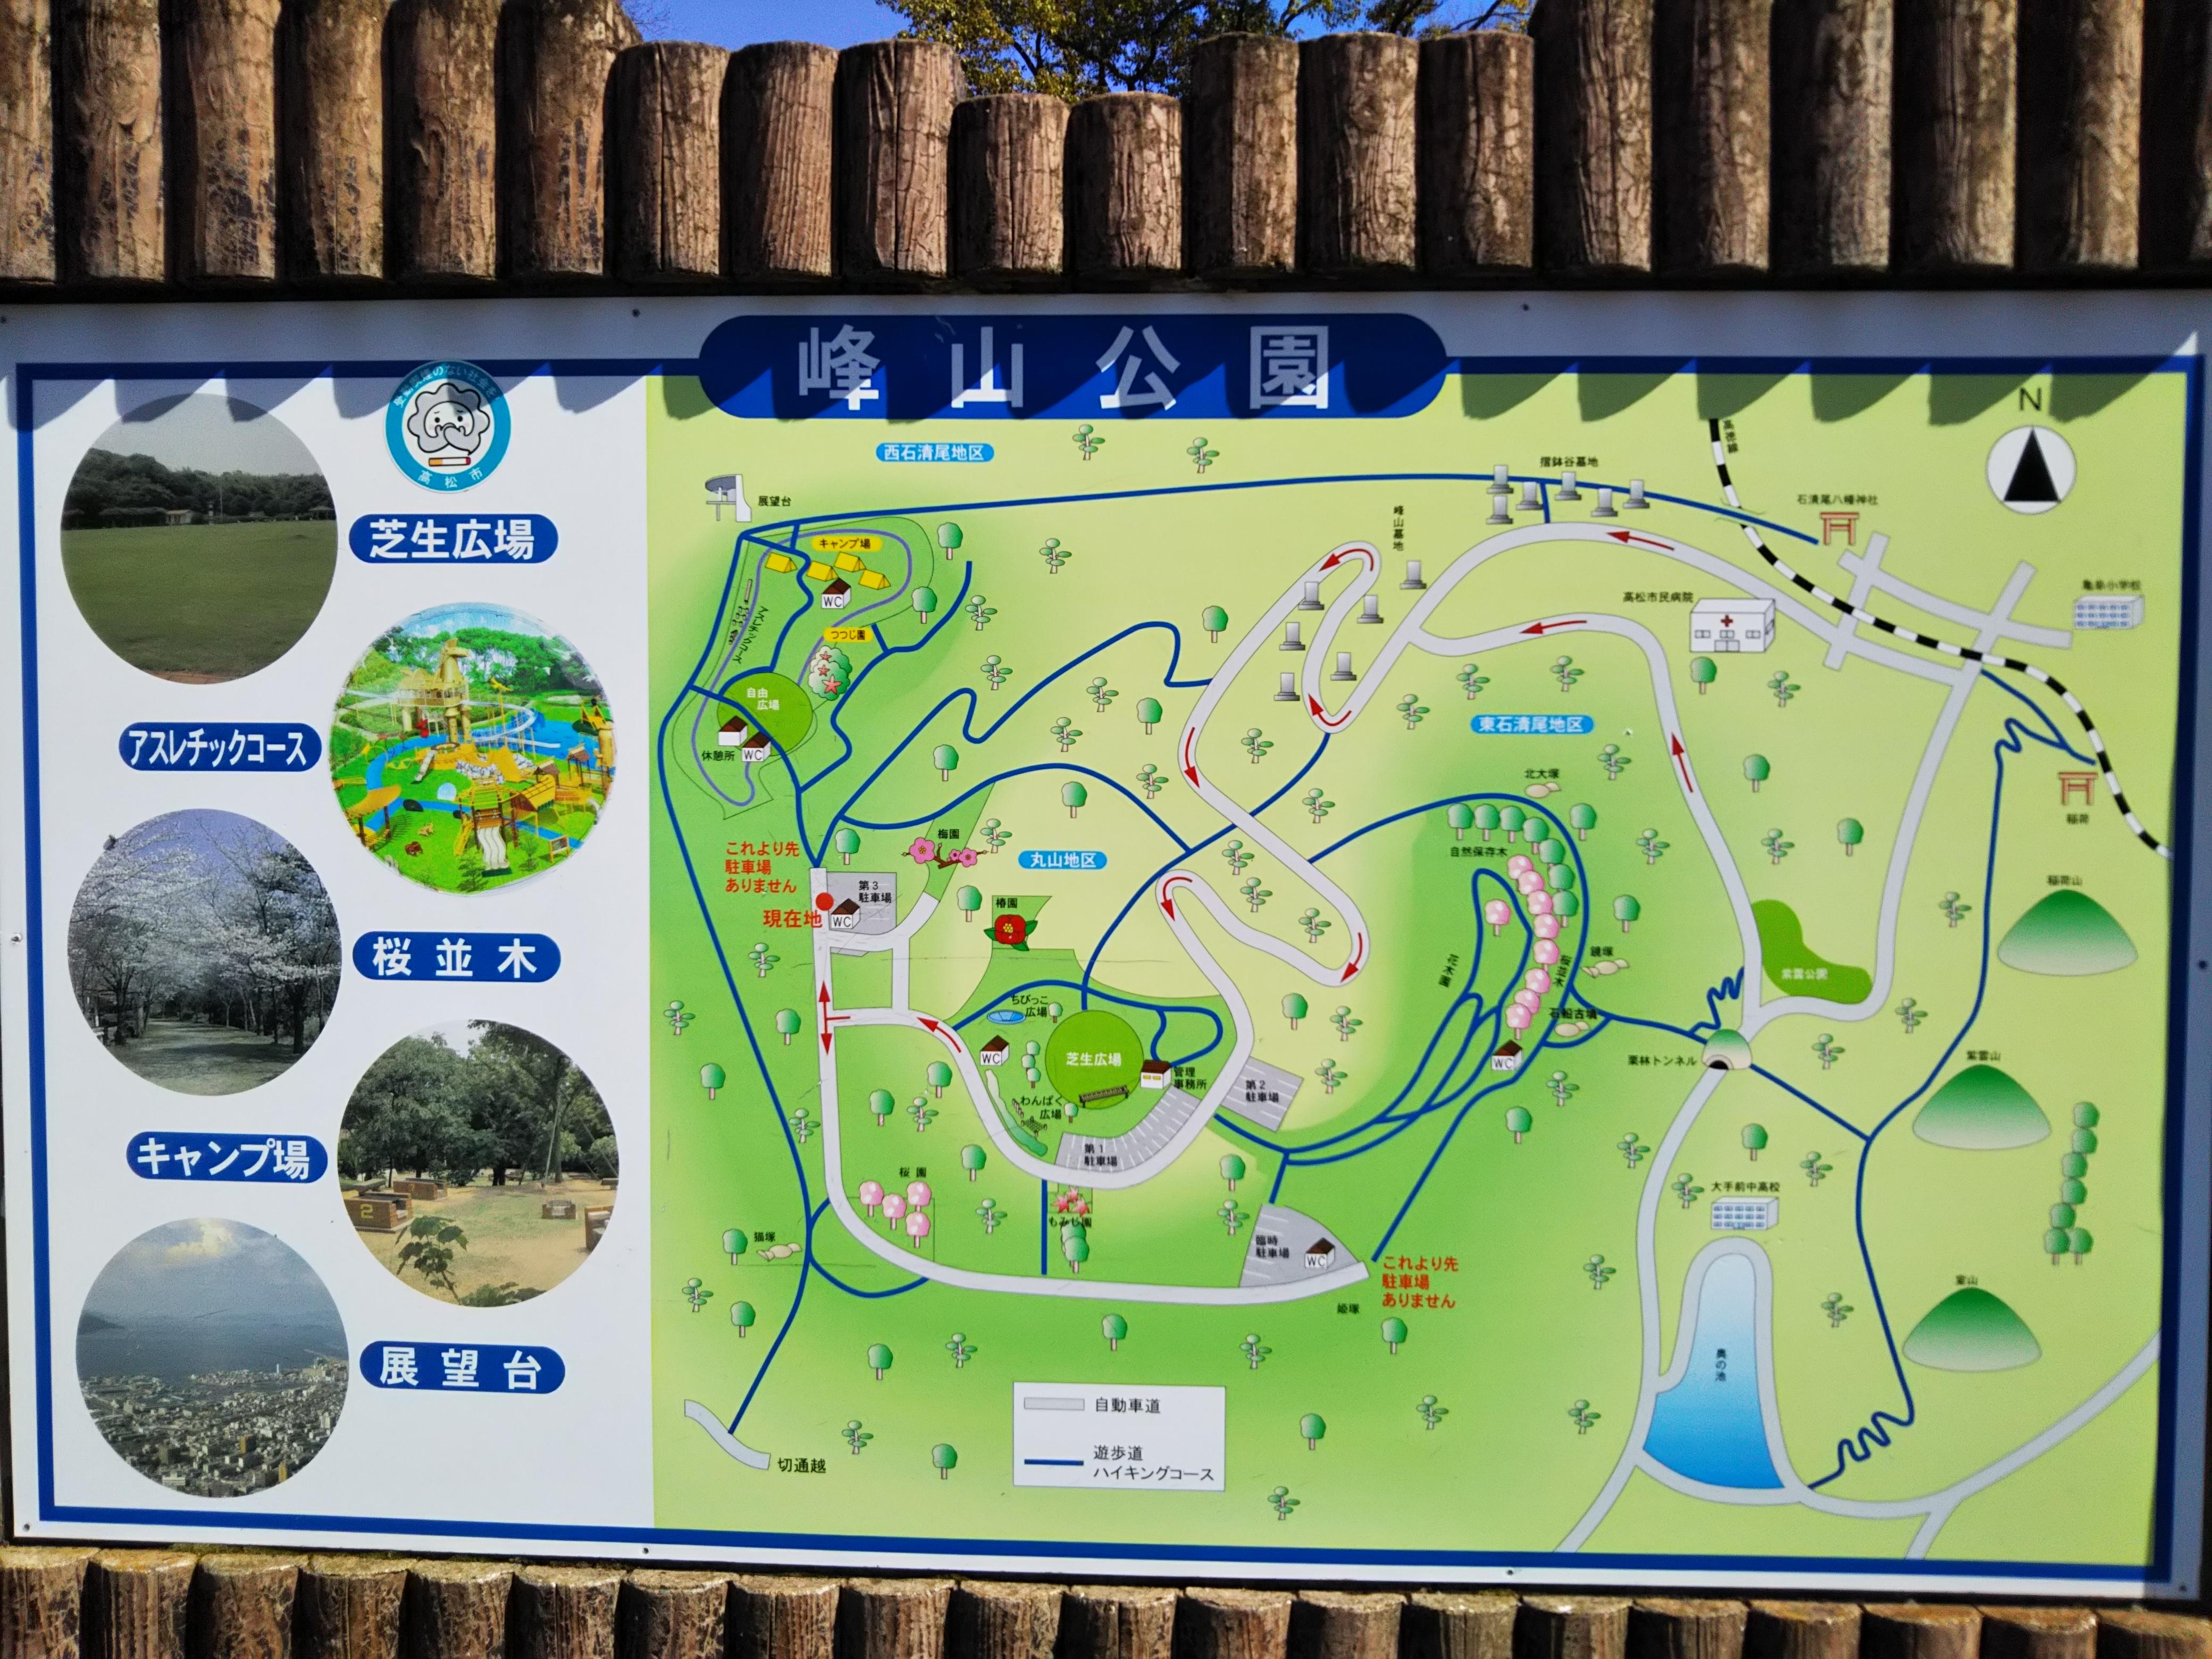 峰山公園全体図